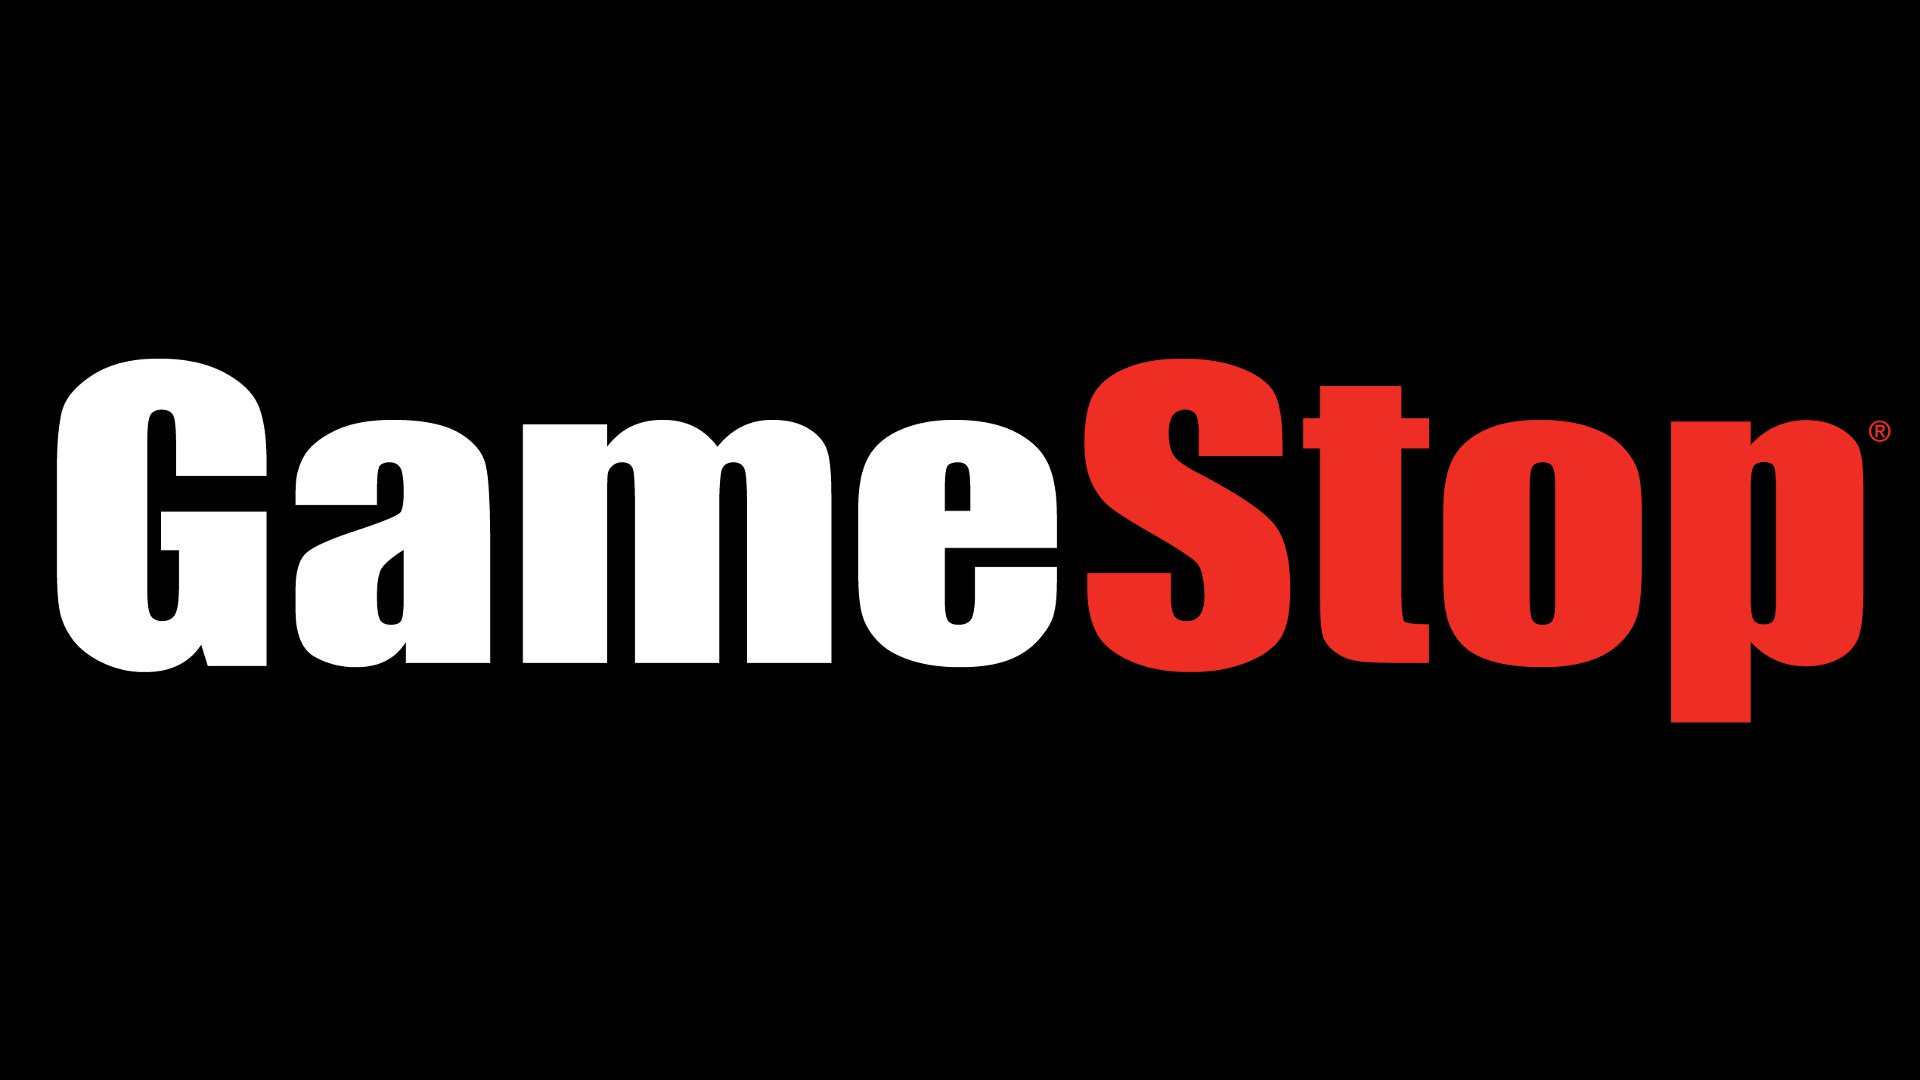 GameStop đóng cửa tất cả các cửa hàng, bắt đầu từ ngày 22 tháng 3, do đại dịch mạch vành (COVID-19). 3